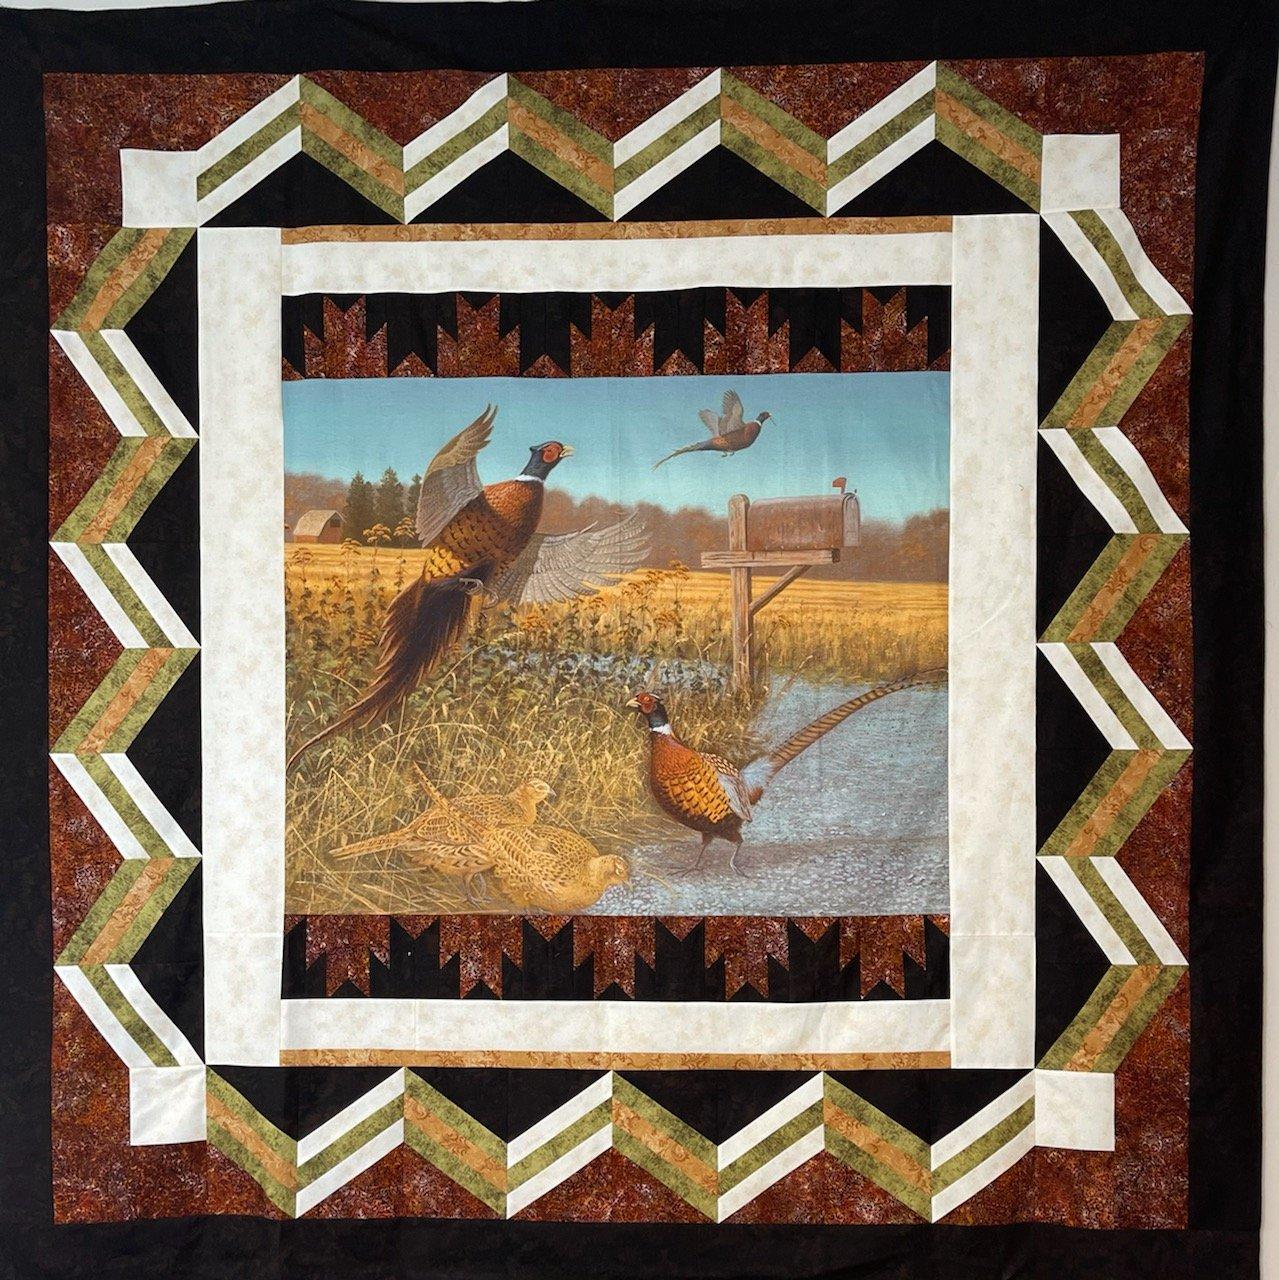 Silent Watcher Pheasants